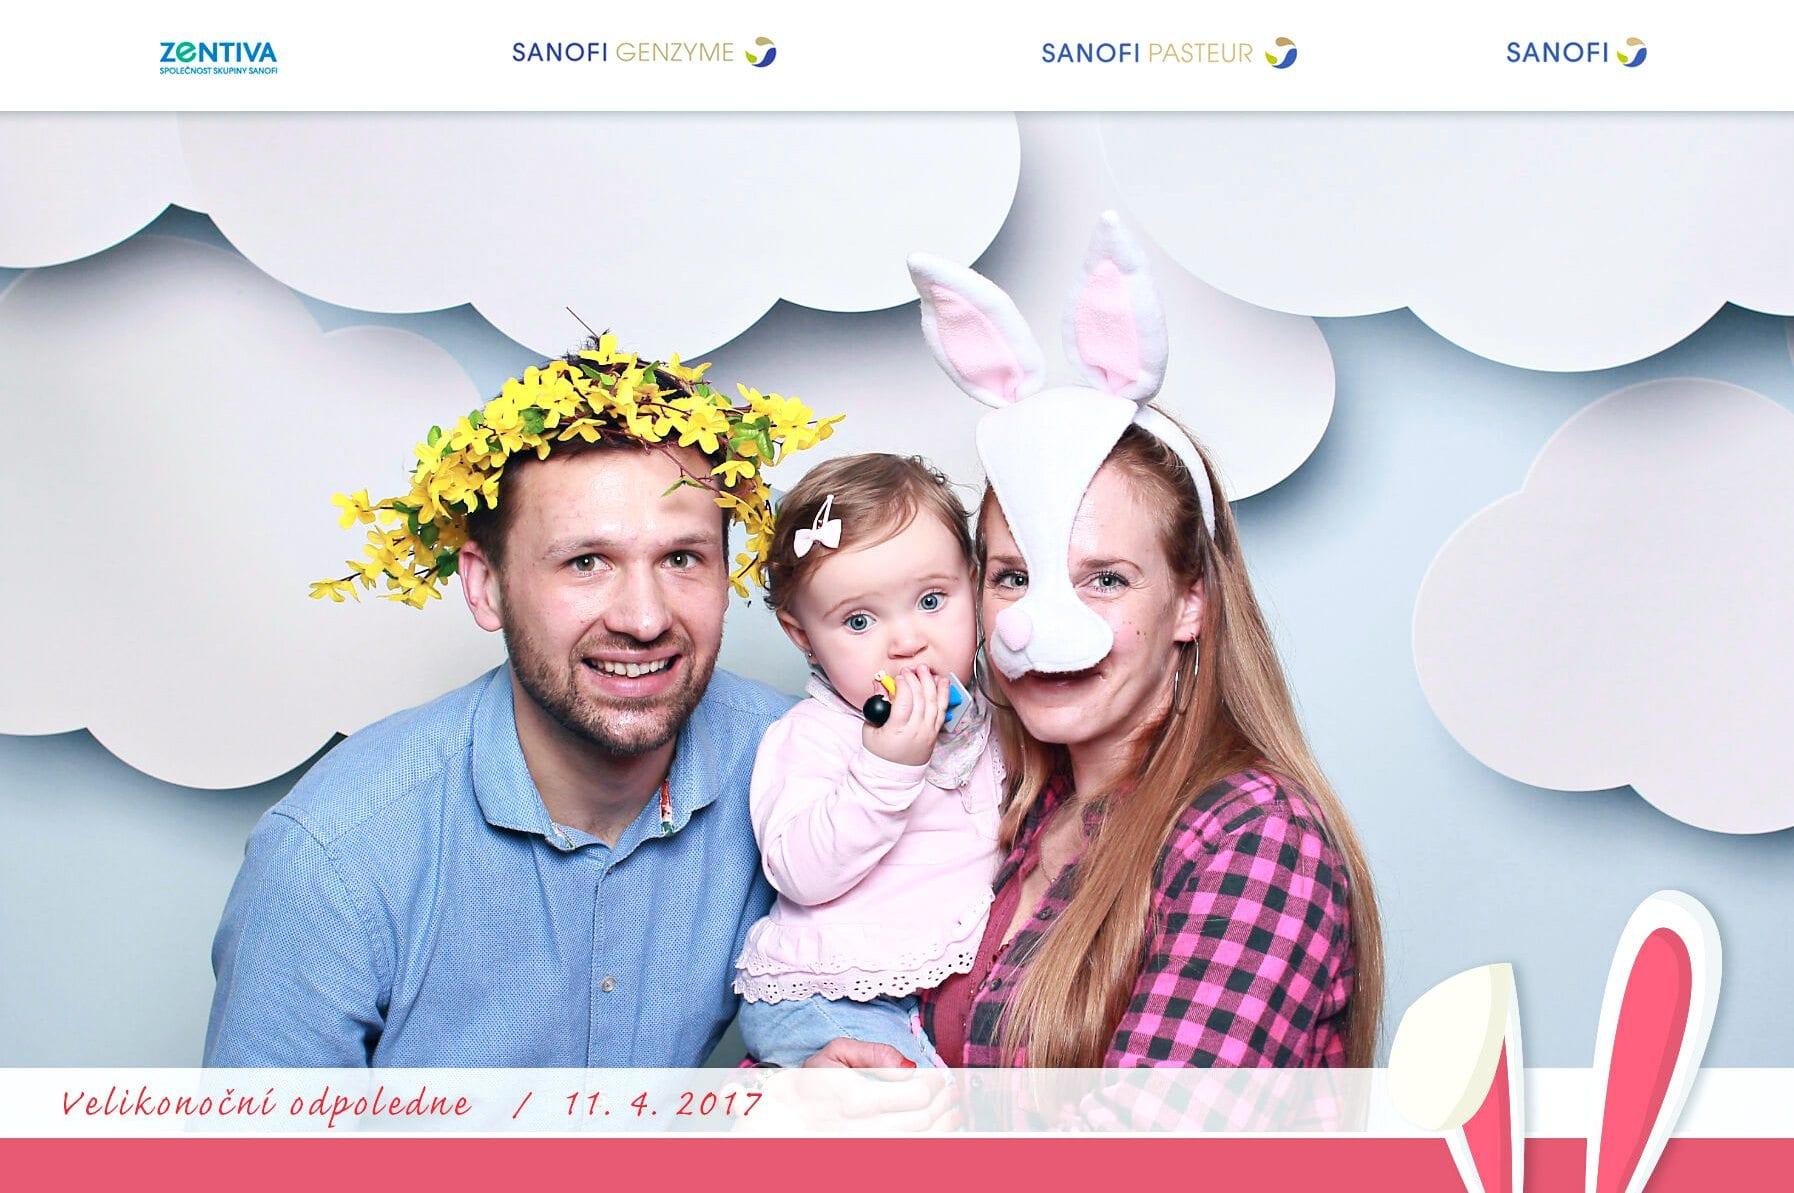 fotokoutek-zentiva-11-4-2017-2-233658